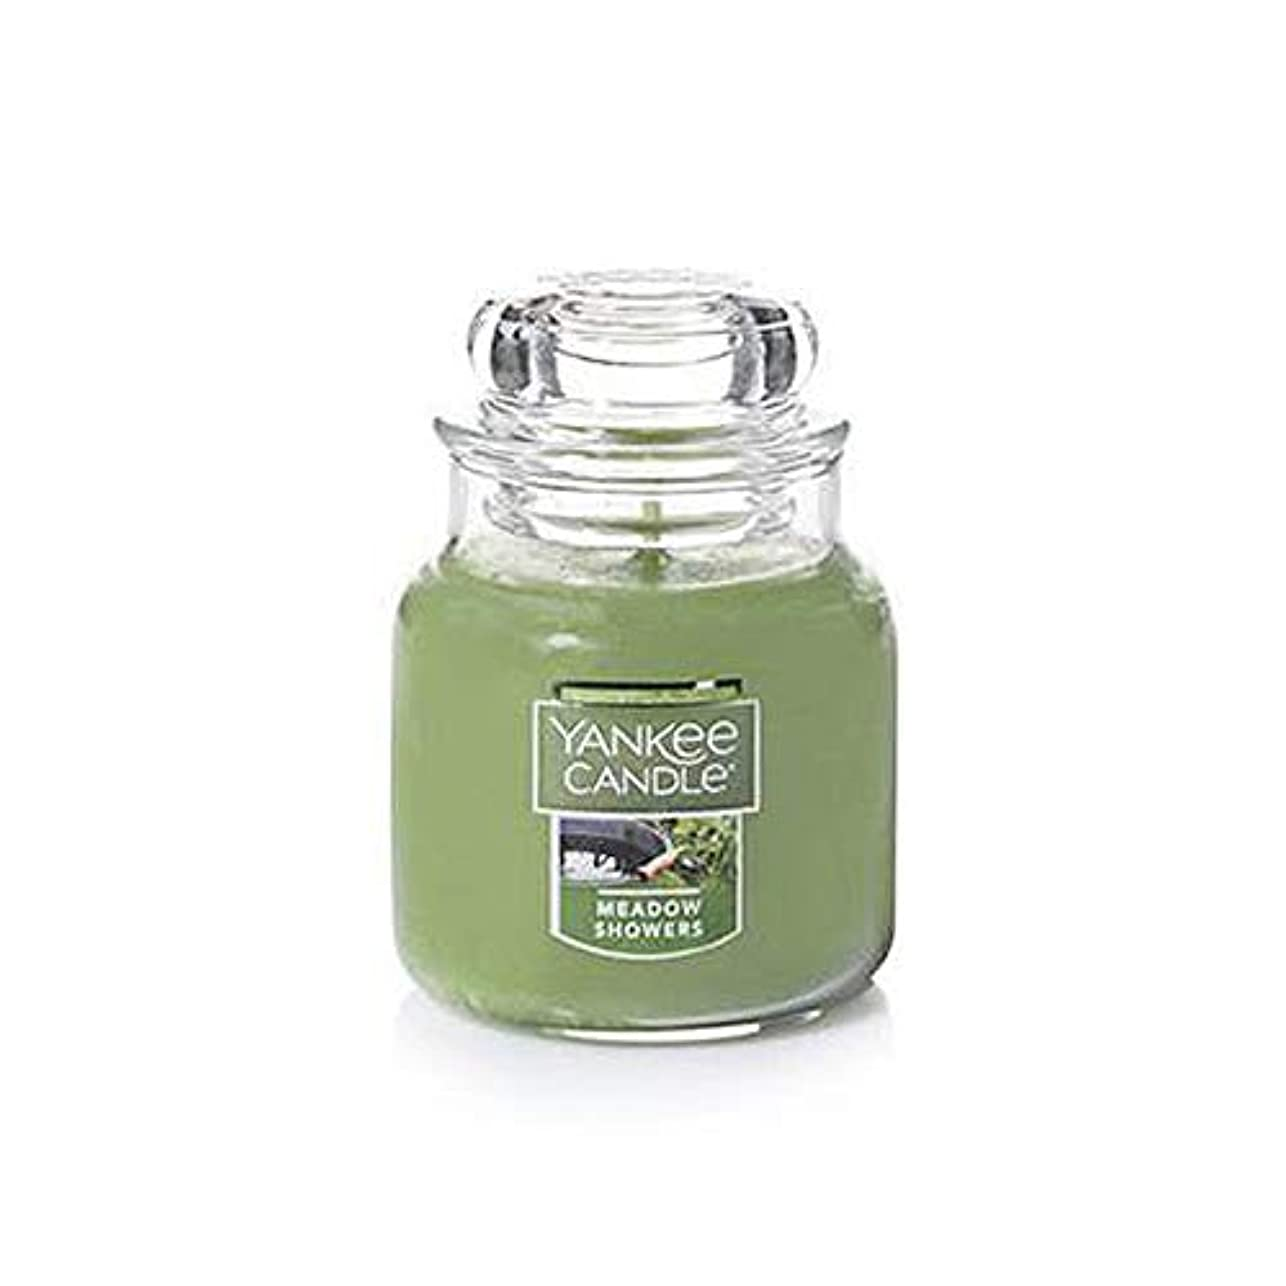 貫通反発するシェードYankee Candle Meadow Showers 小型ジャーキャンドル フレッシュな香り 3.7オンス